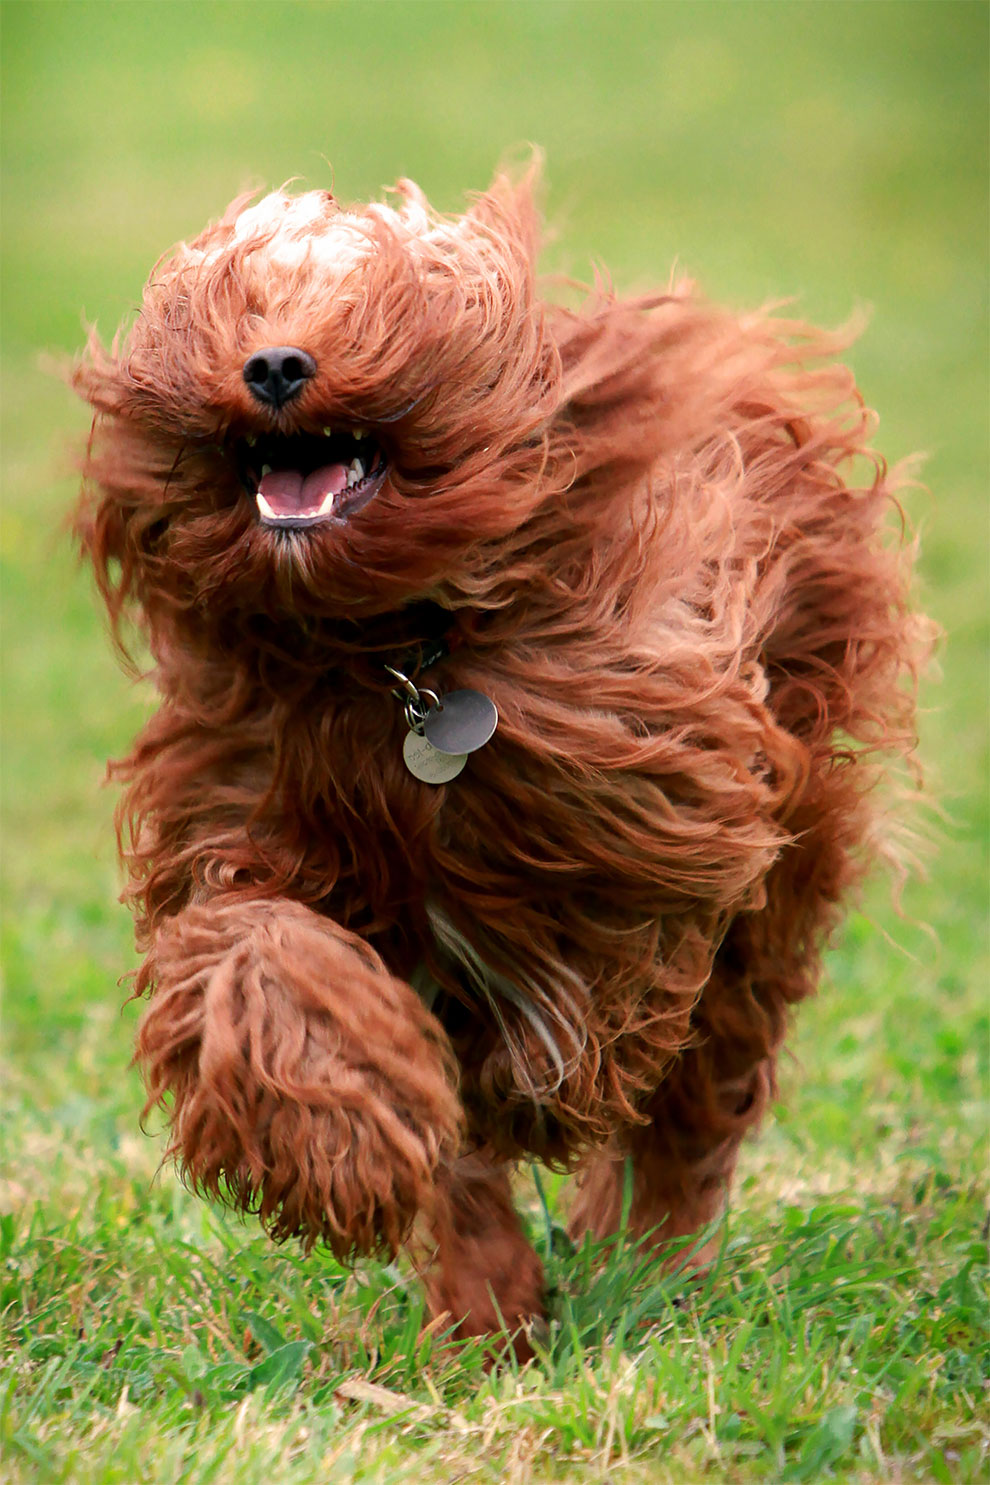 Фотограф успел захватить выражение лица у собак на бегу